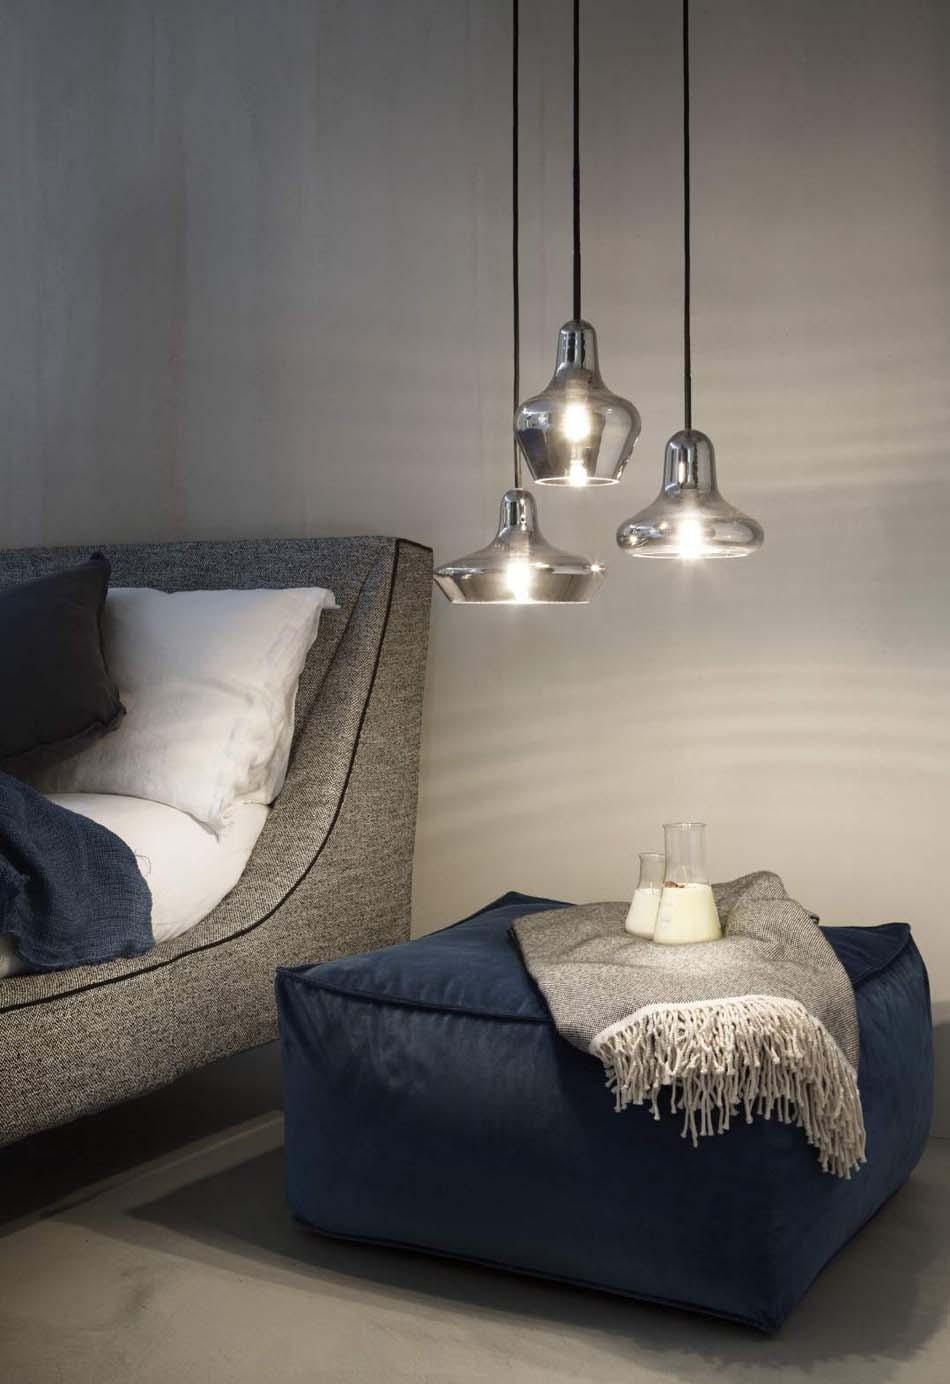 Lampade sospese Ideal Lux lido – Toscana Arredamenti